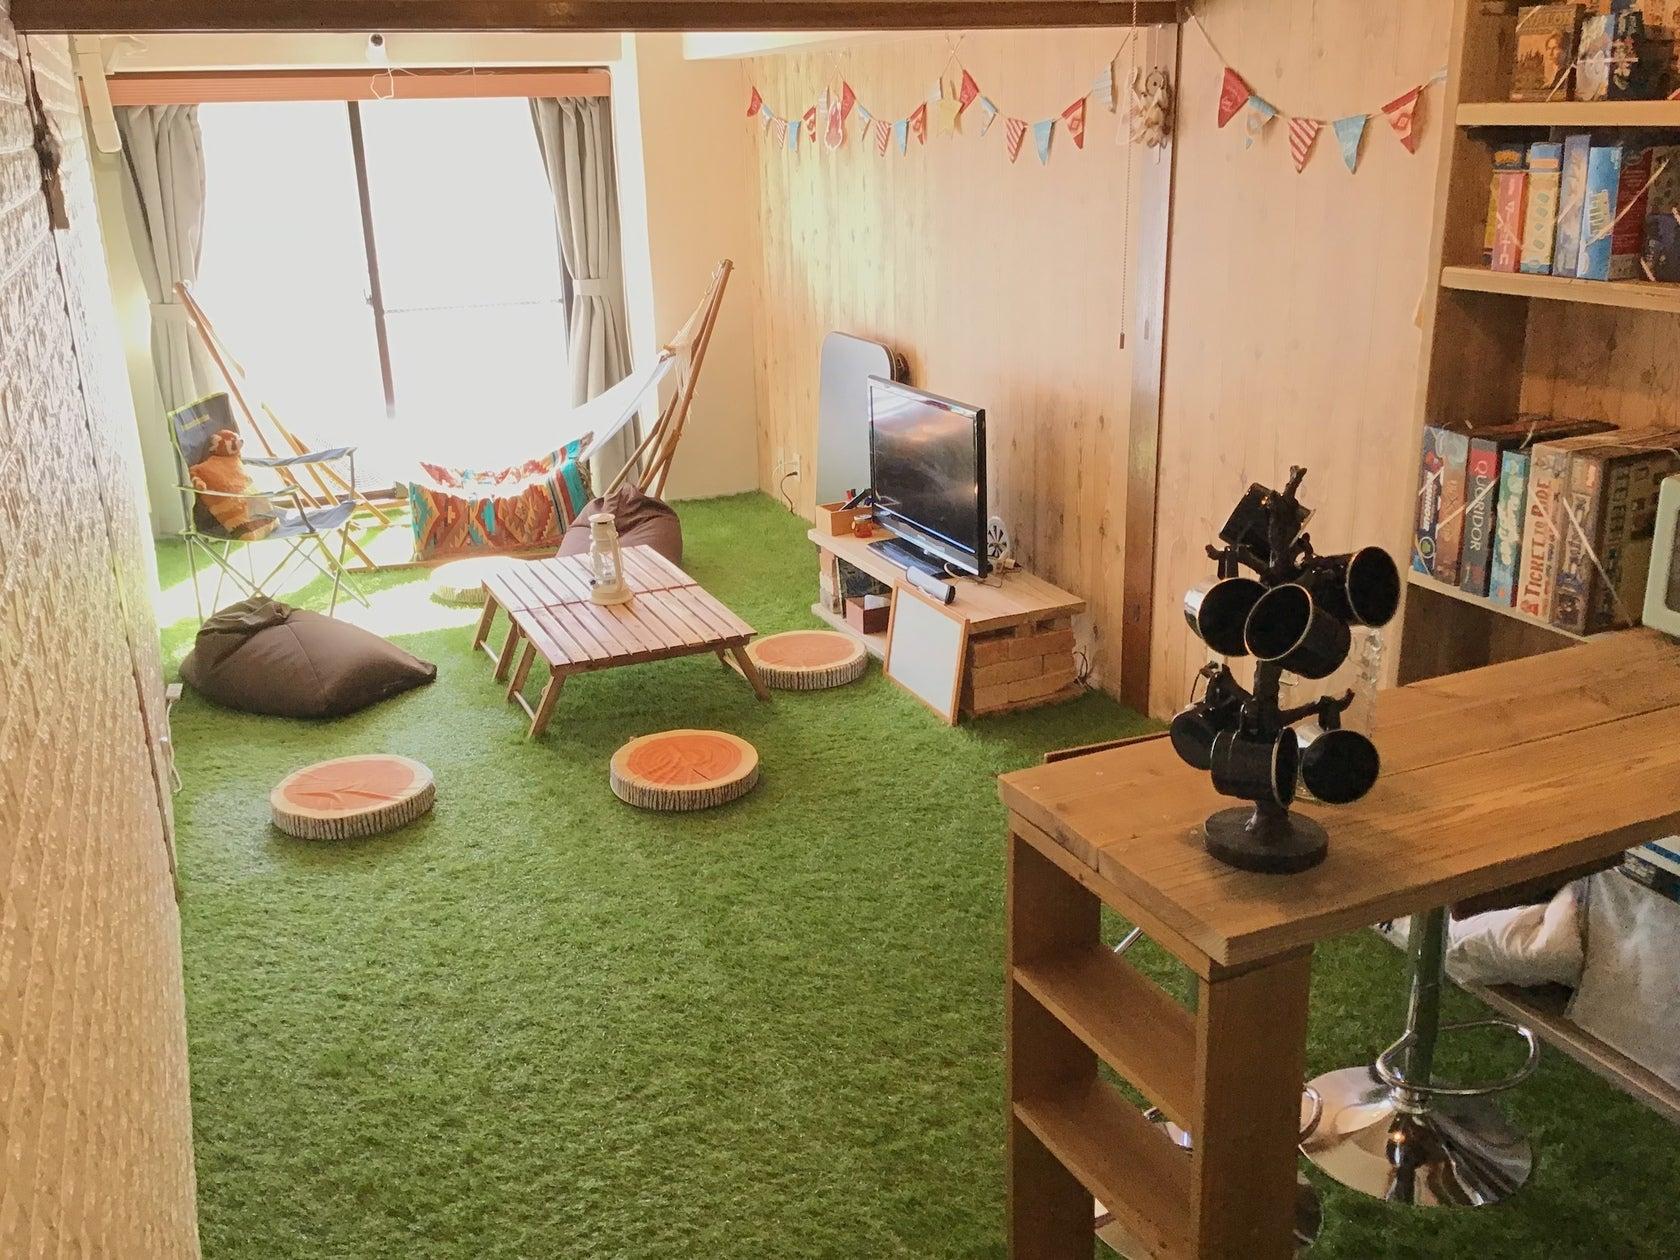 Chill City House 下北沢 芝生&ハンモックでおうちグランピング&ボードゲーム の写真